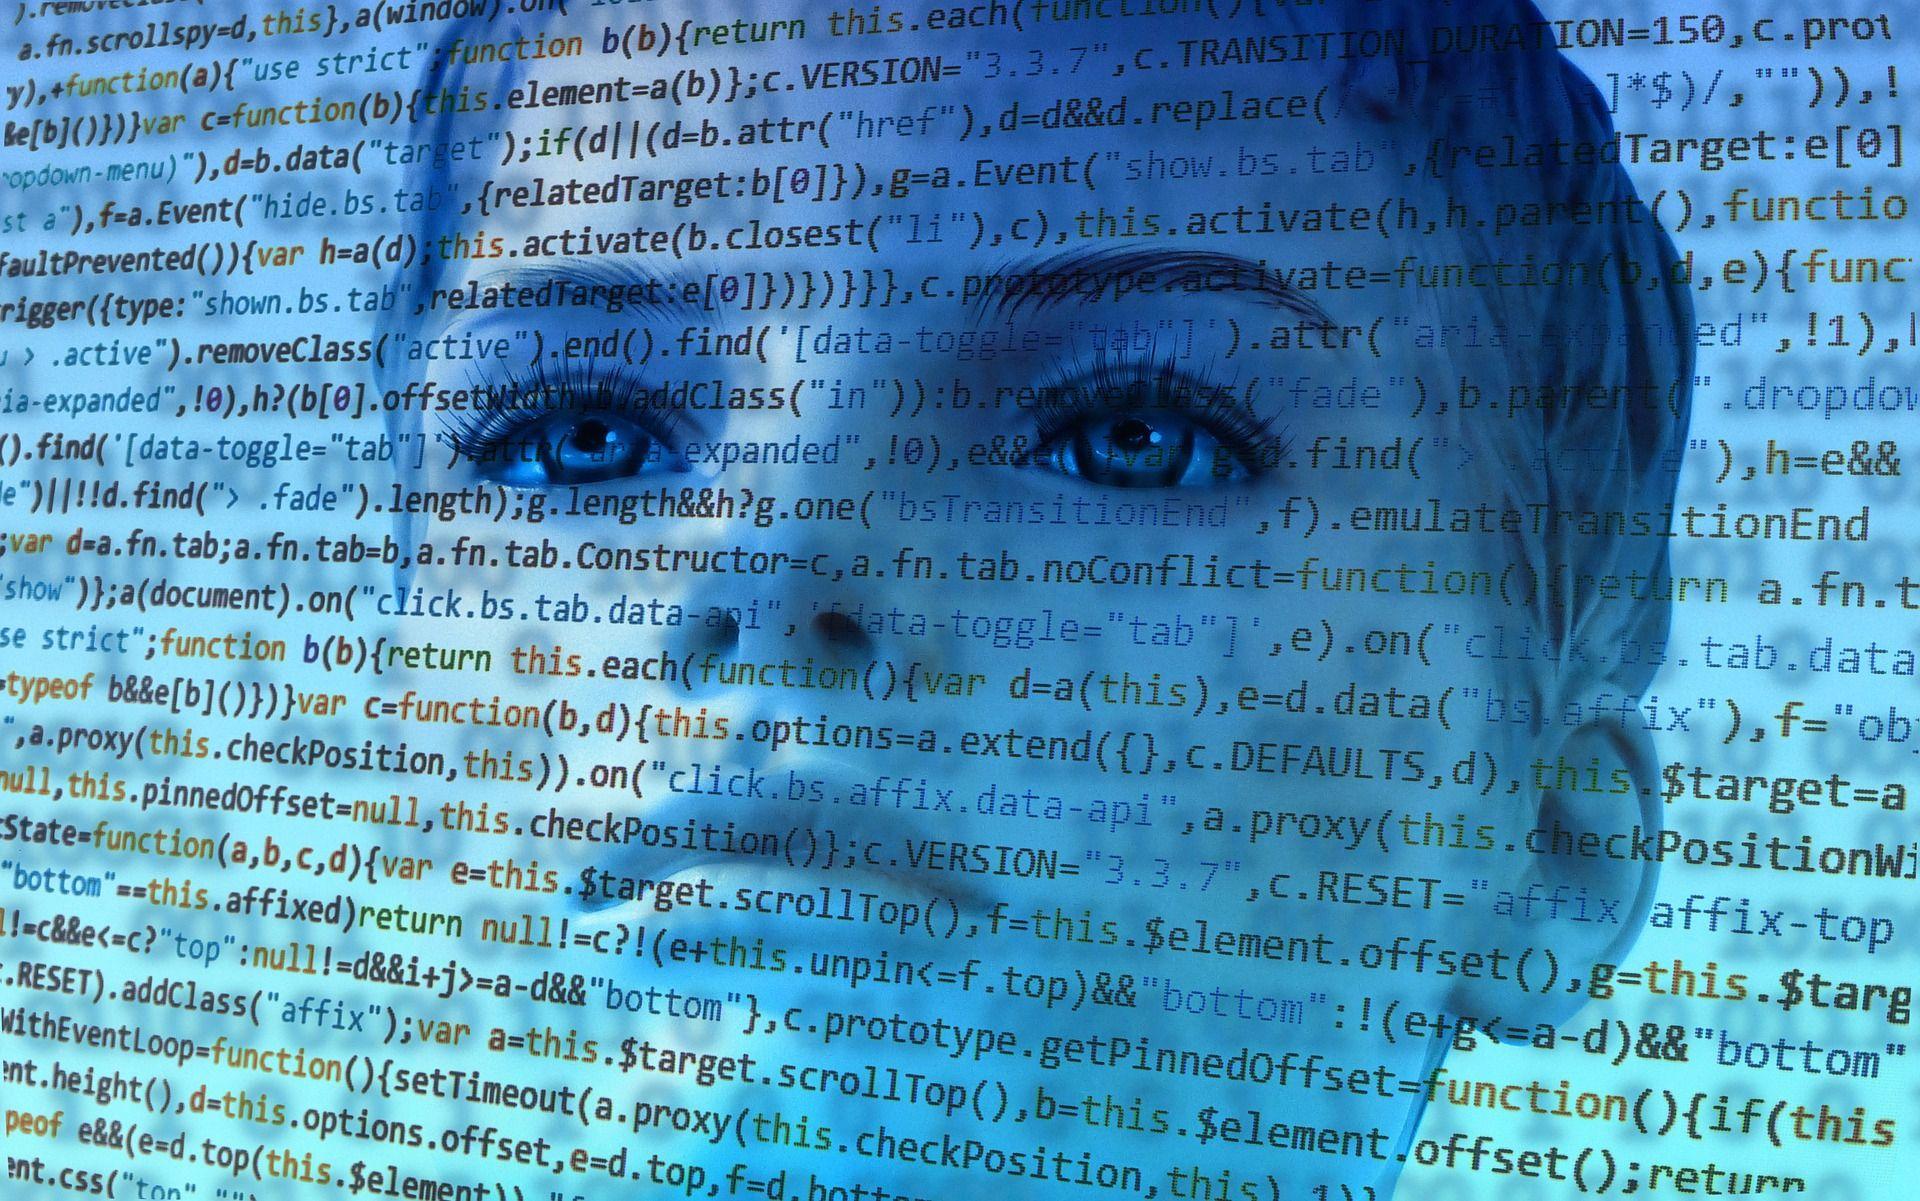 Científicos logran resolver el test Captcha con inteligencia artificial